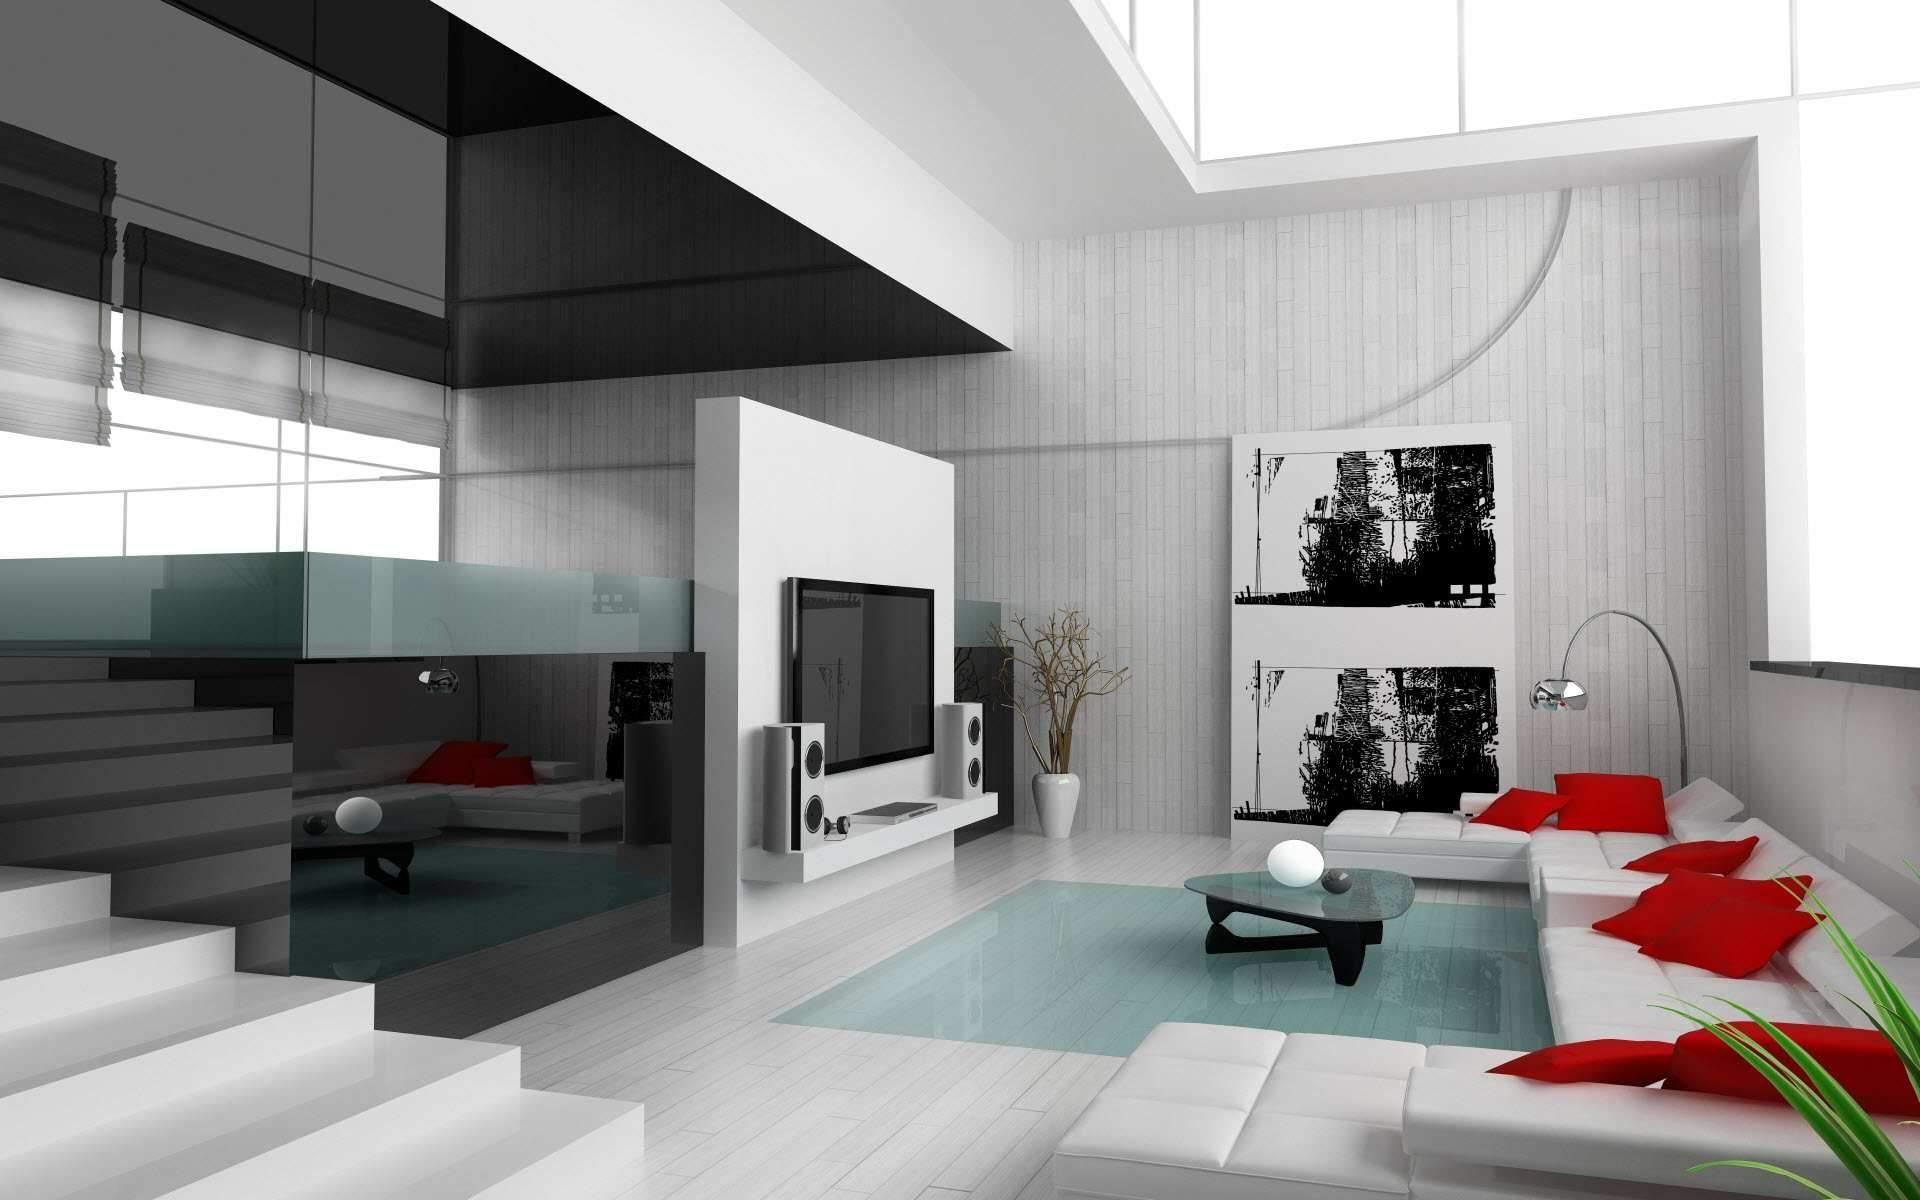 Résultats de recherche d\u0027images pour « décor intérieur contemporain moderne  »